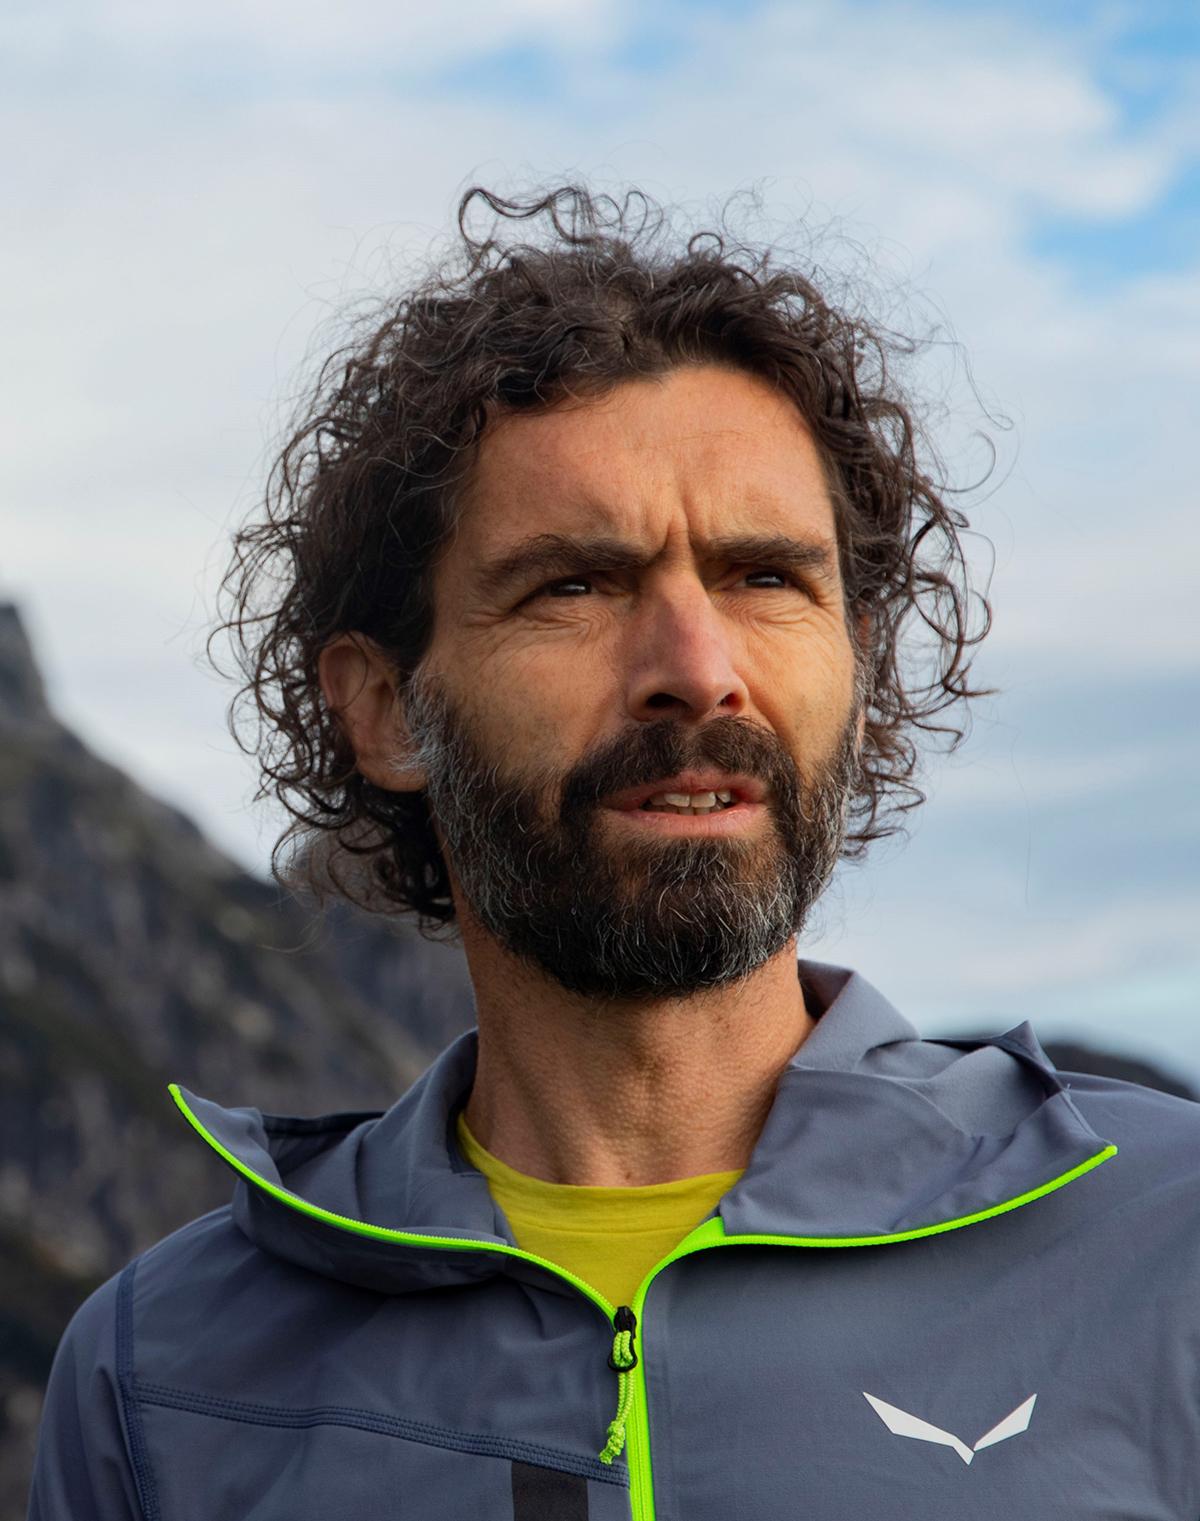 Jens Badura